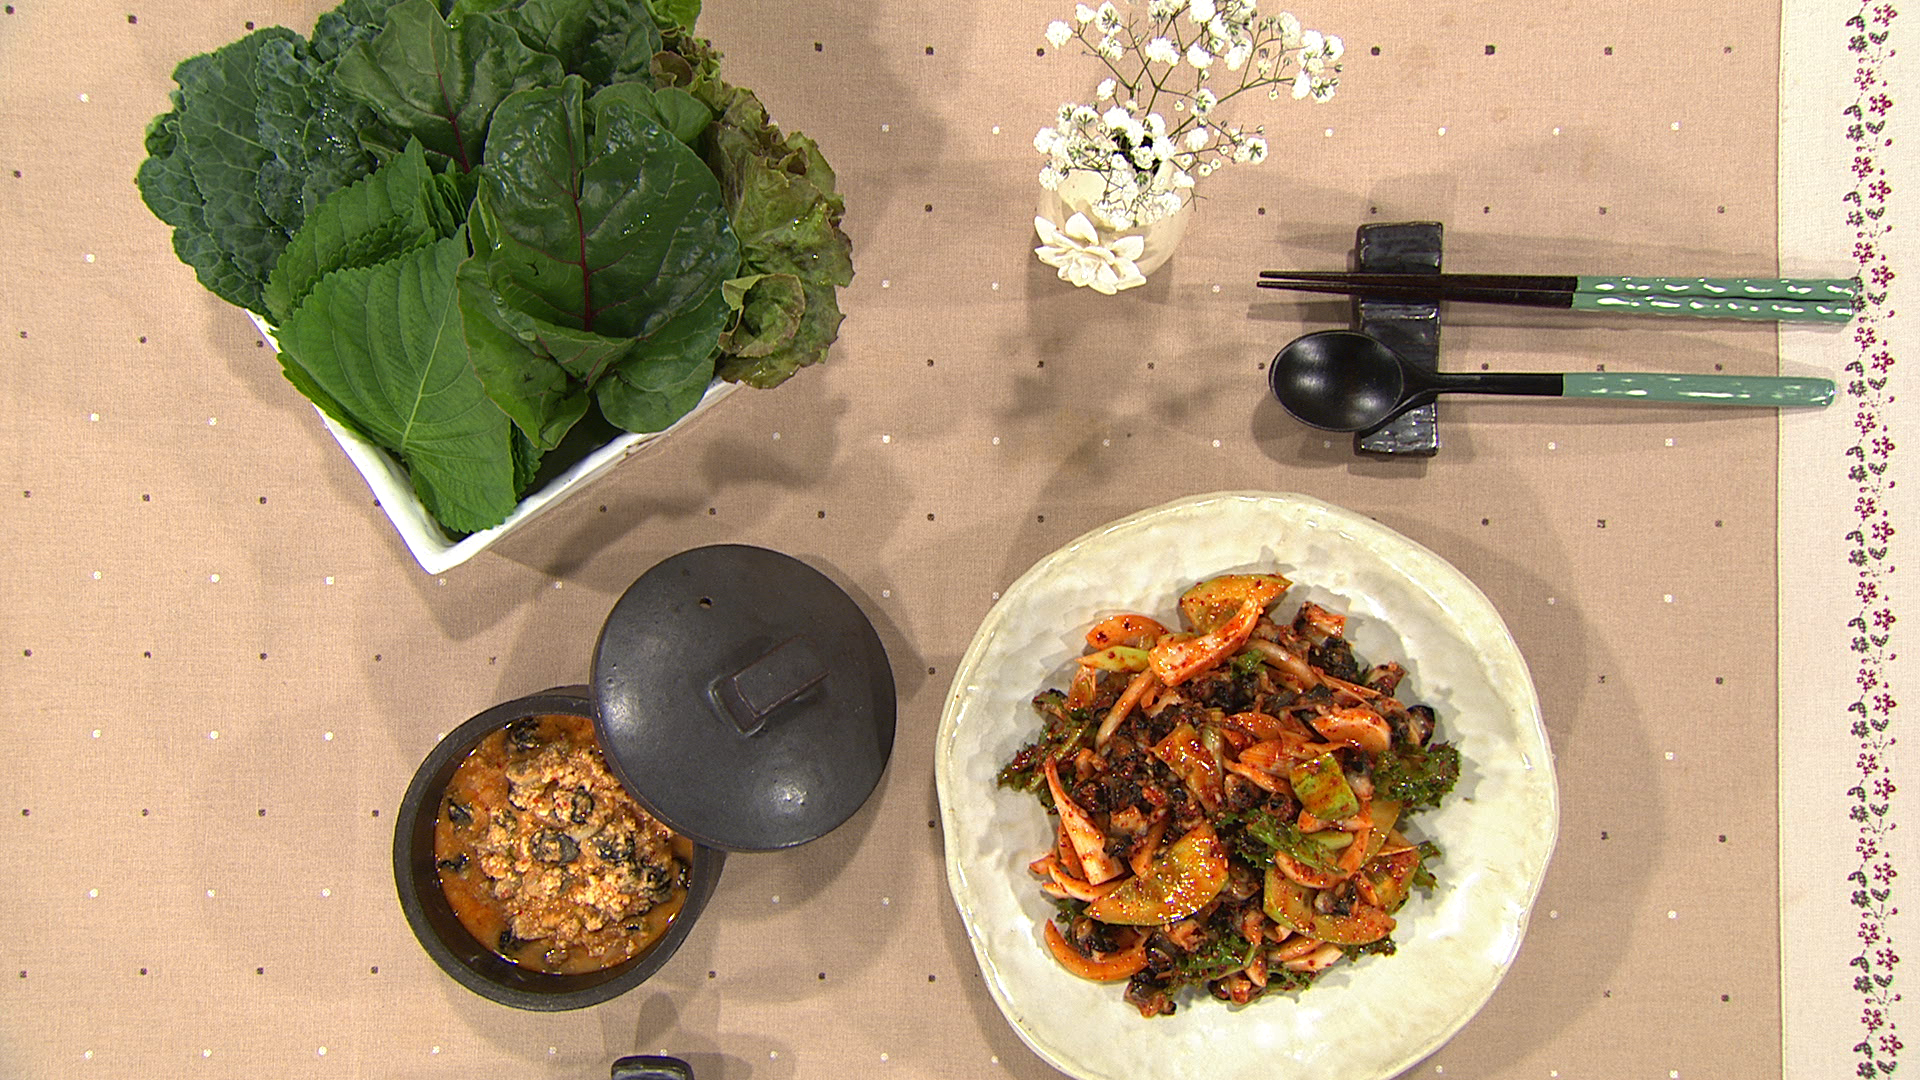 최고의 요리비결-시골 밥집 아줌마의 건강한 자연식 레시피[윤혜신 요리연구가]